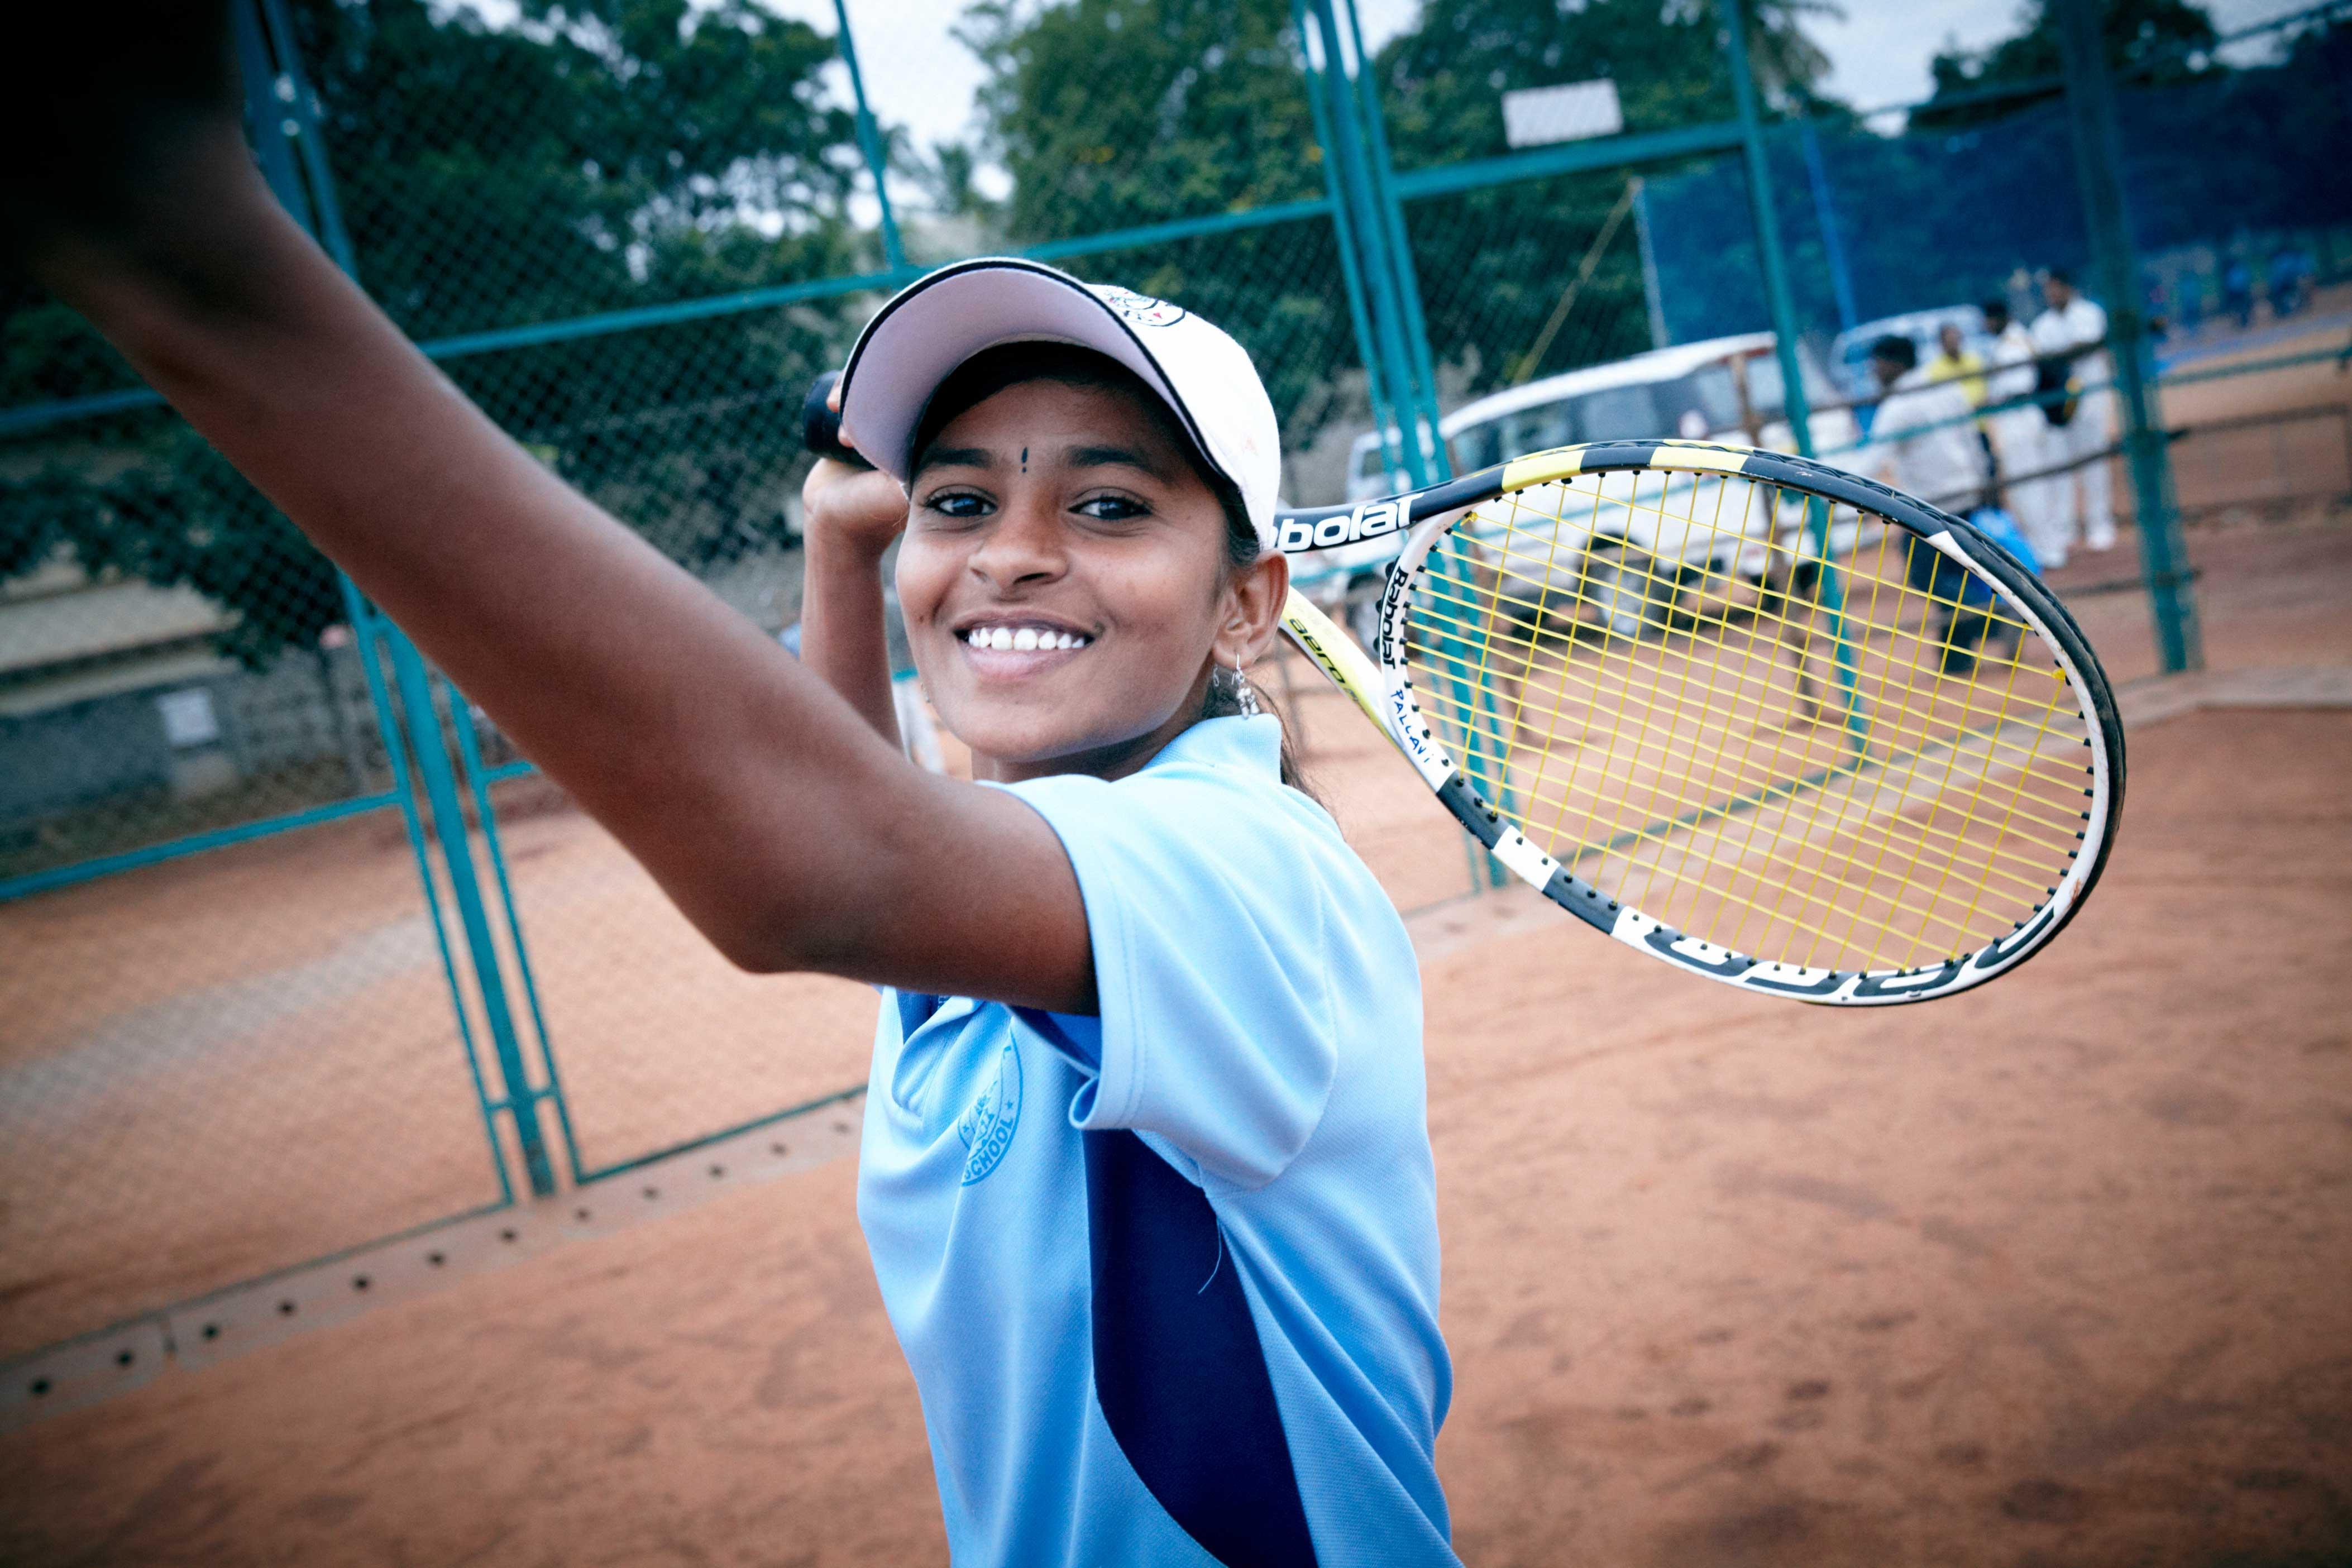 El centro incluye una escuela y cinco pistas de tenis.